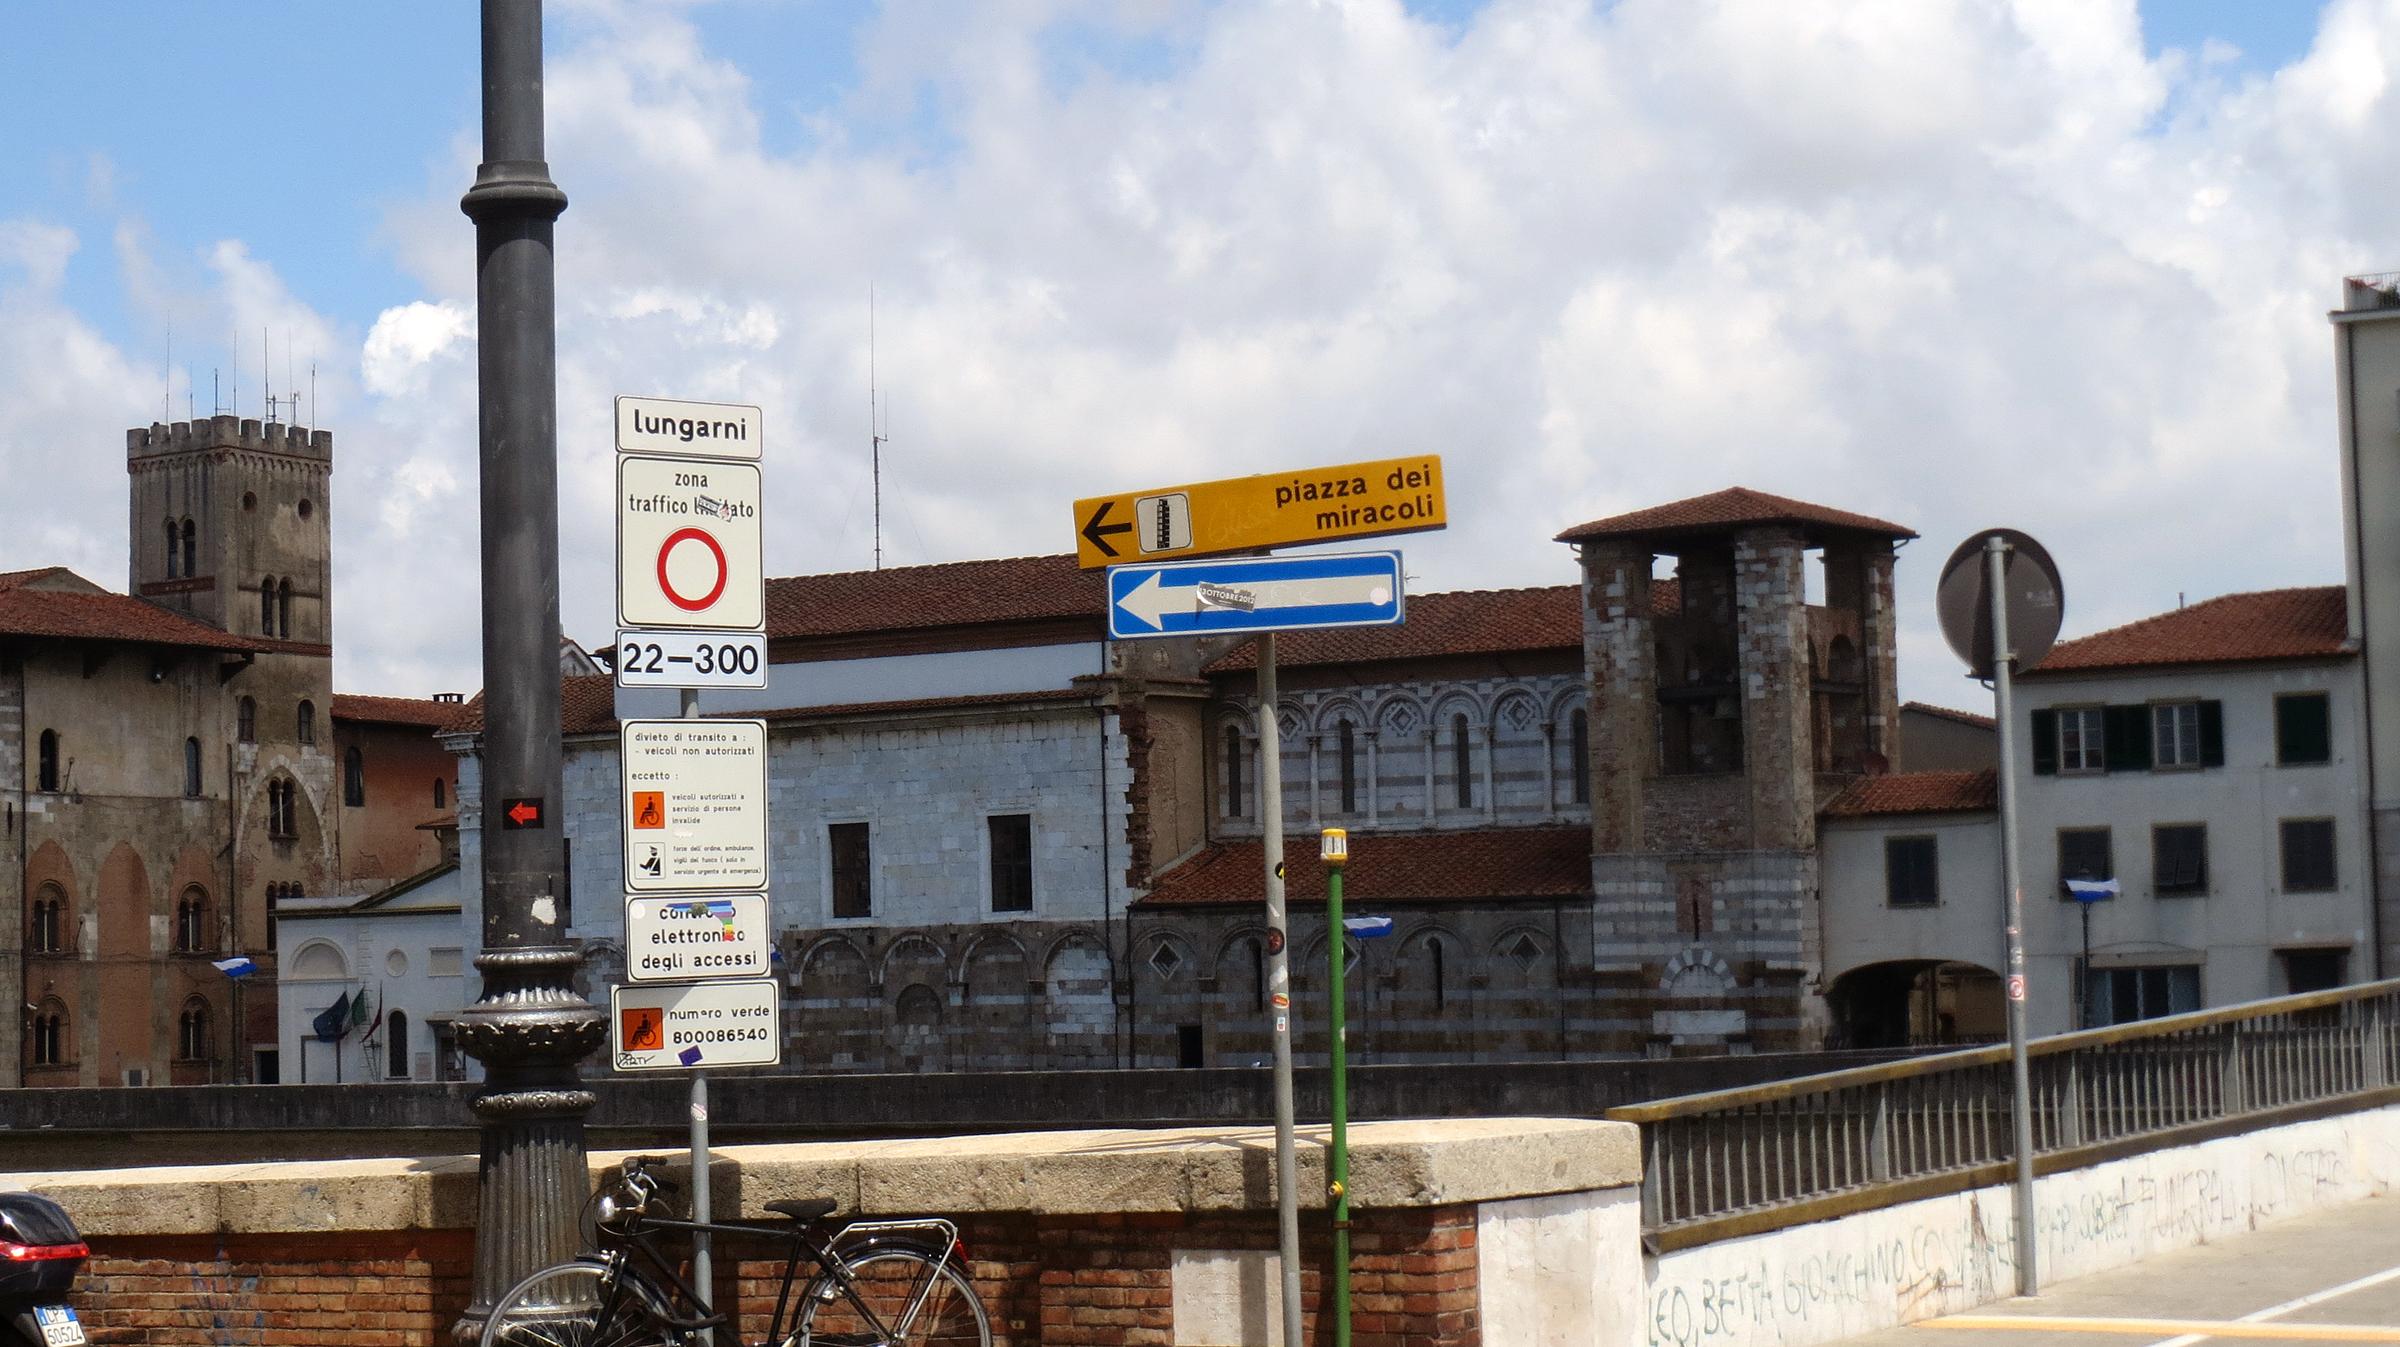 Pisa_Piazza dei miracoli sign